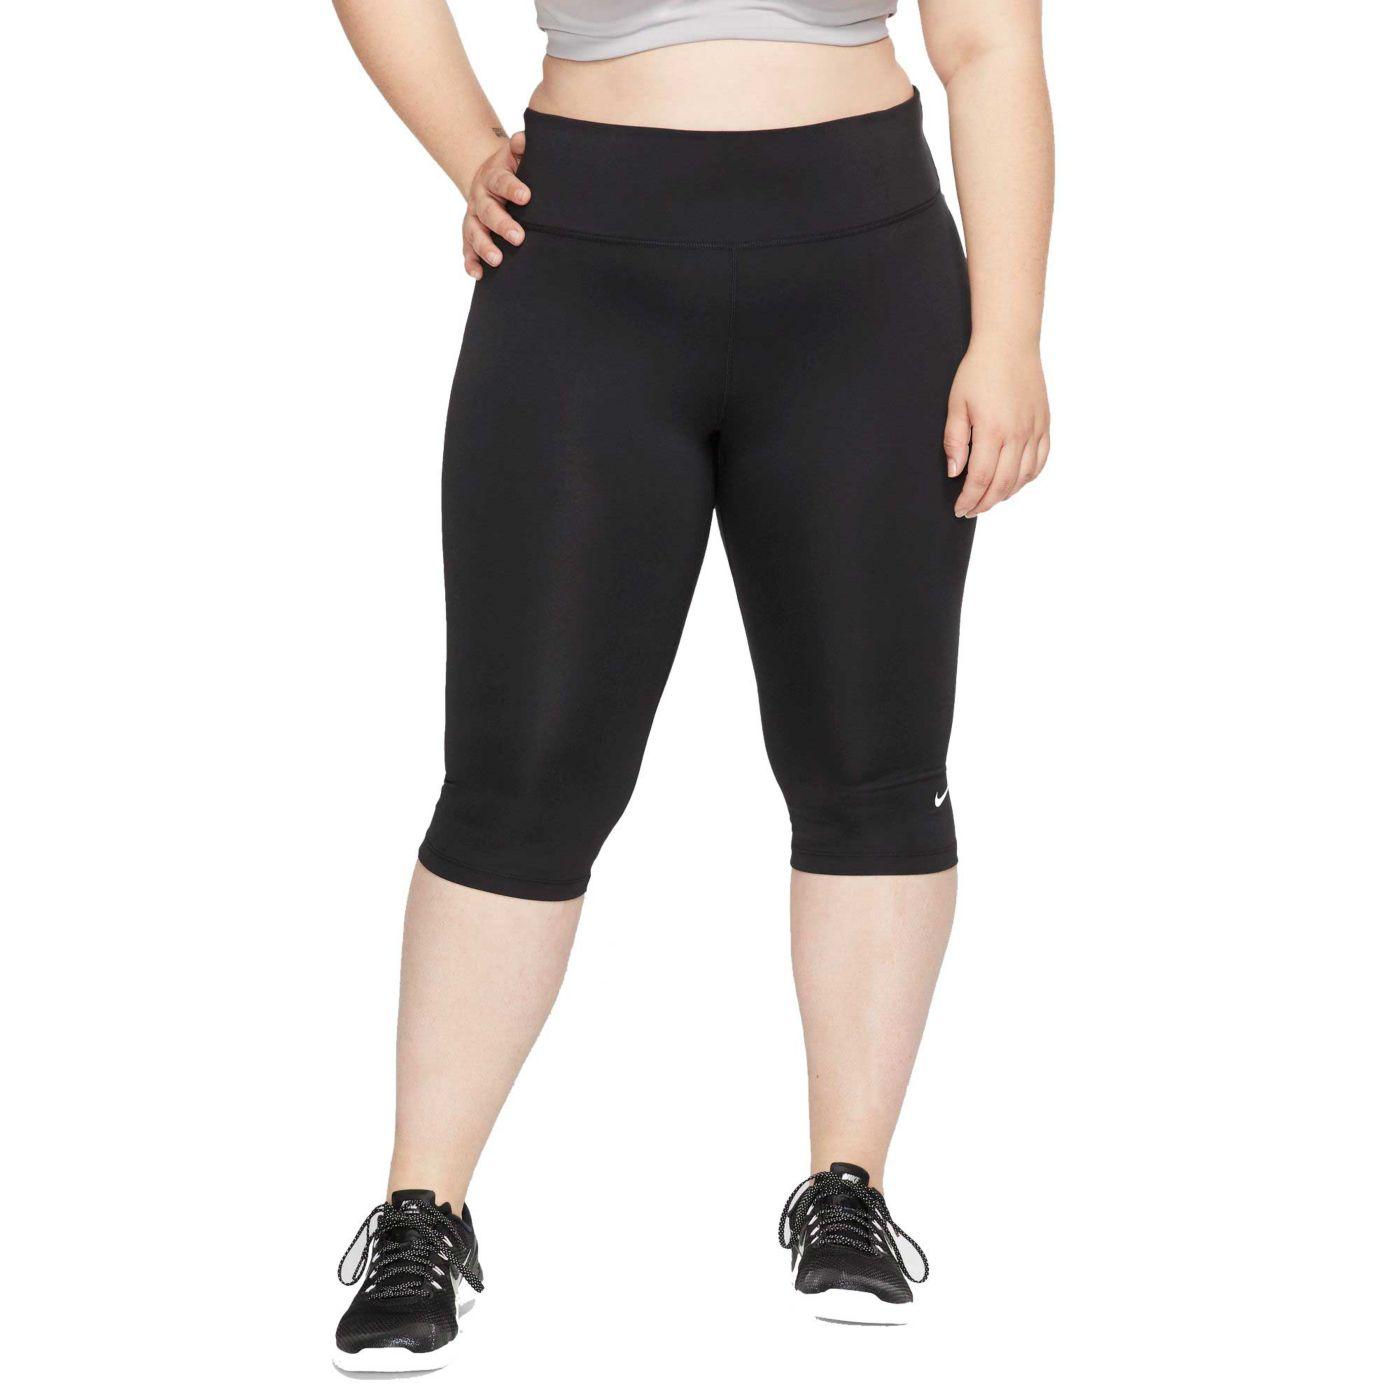 Nike One Women's Capri Training Pants